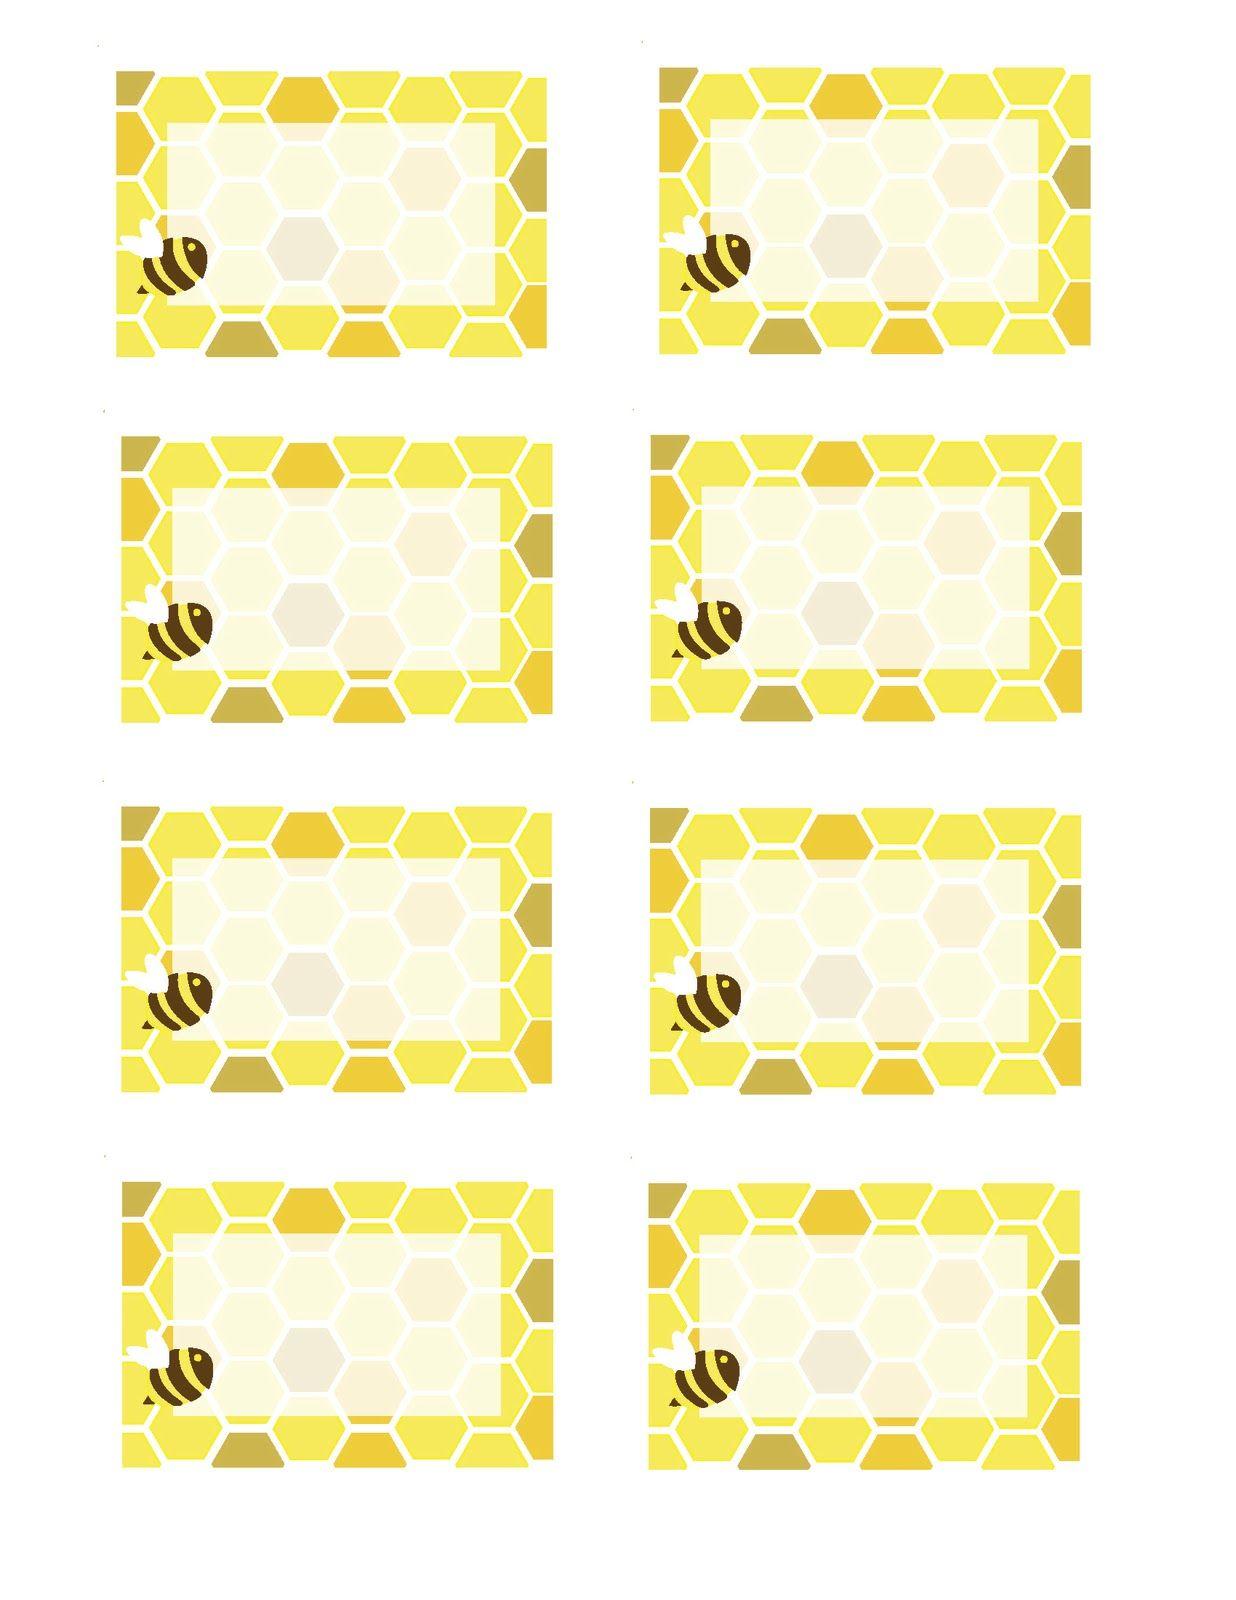 Honeybee Printables